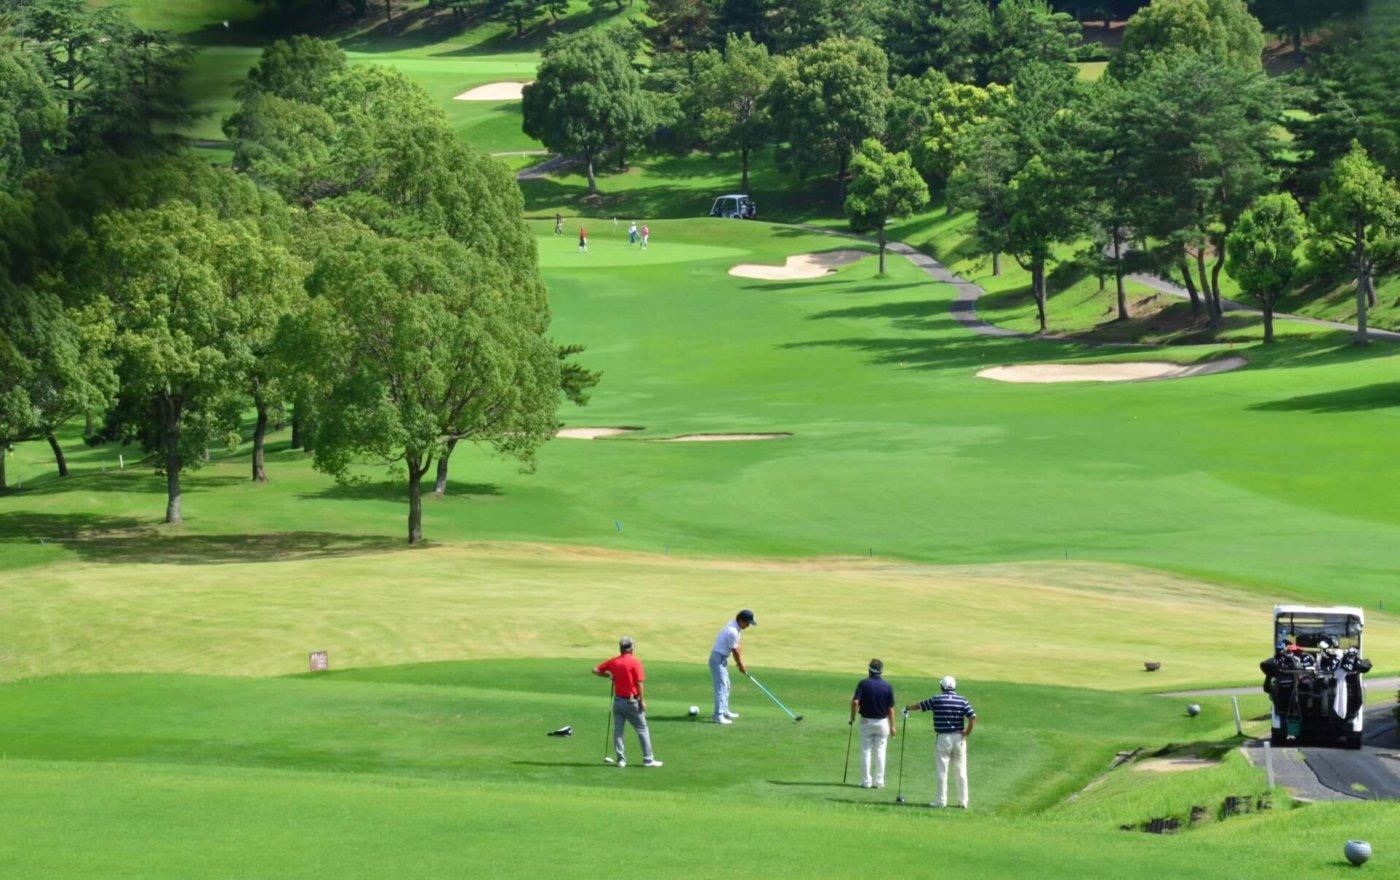 ゴルフコンペ、幹事の心得